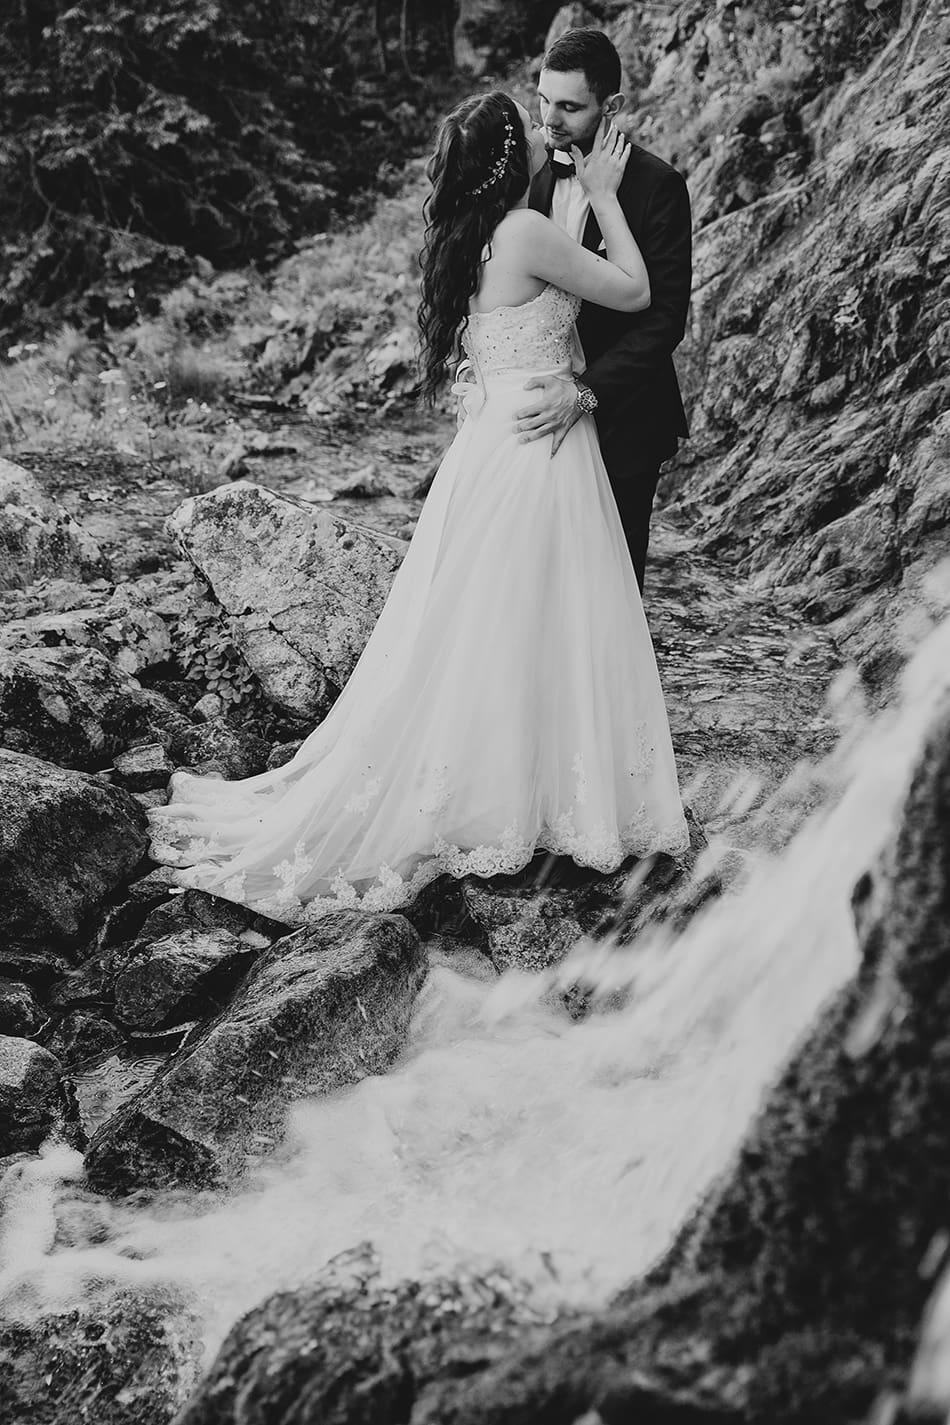 Para Młoda przytula stoi w objęciu wpatrzona w siebie nazwajem, przed nimi spływa woda ze skał